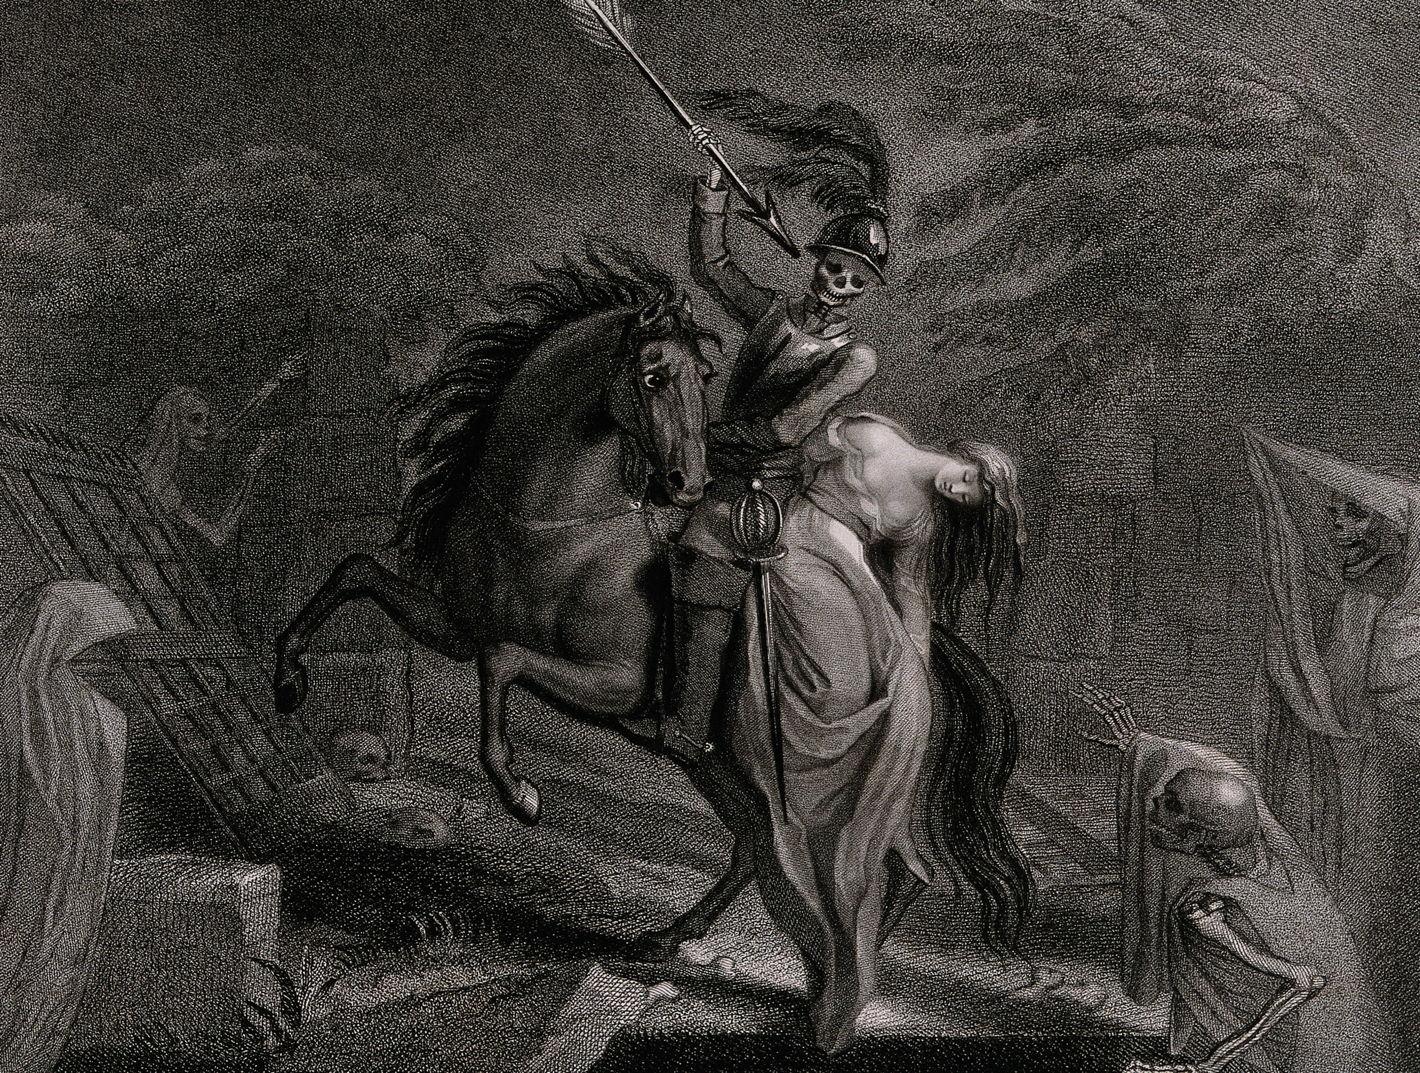 L'impossibile amore tra Costantino e Doruntina